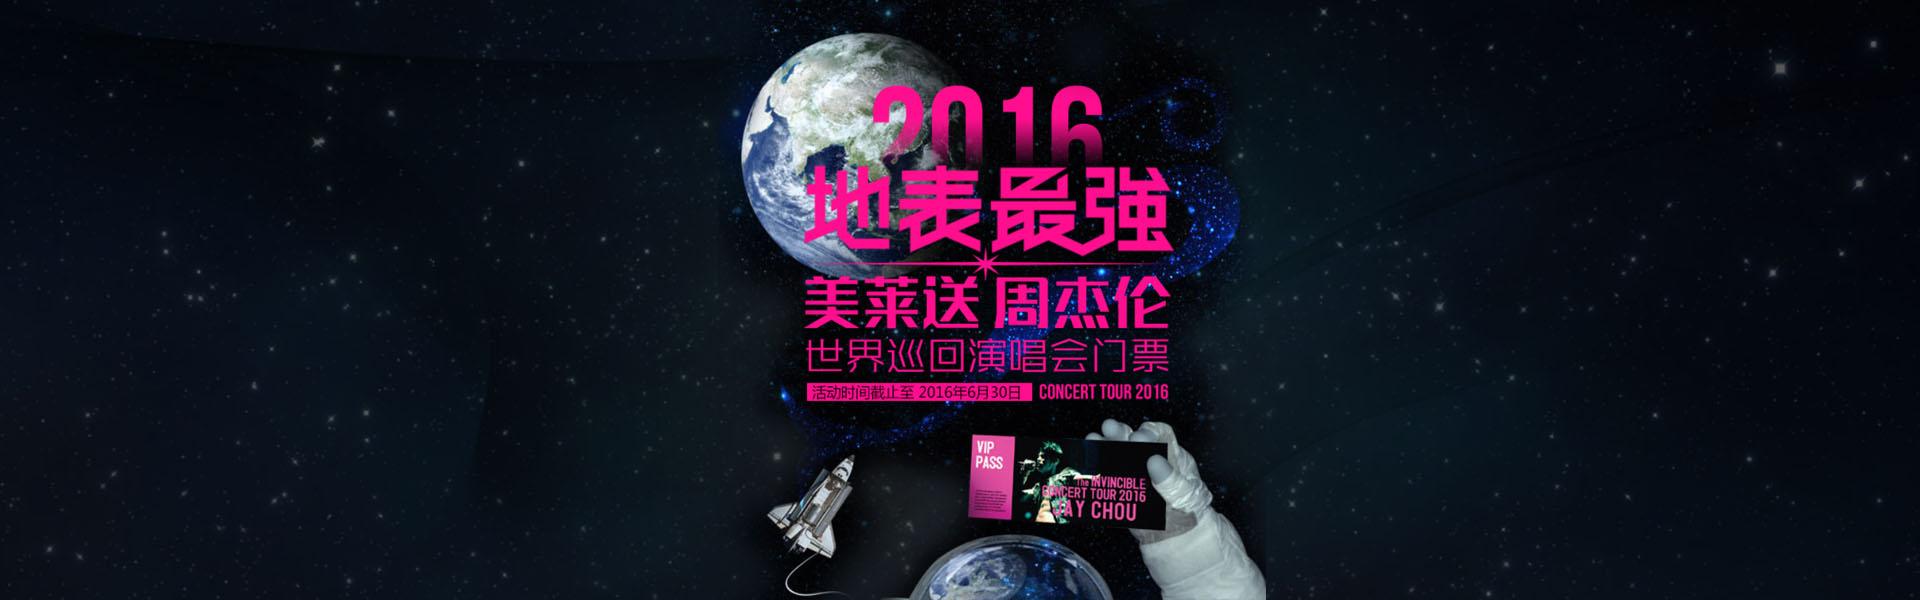 广州美莱周杰伦门票投票项目